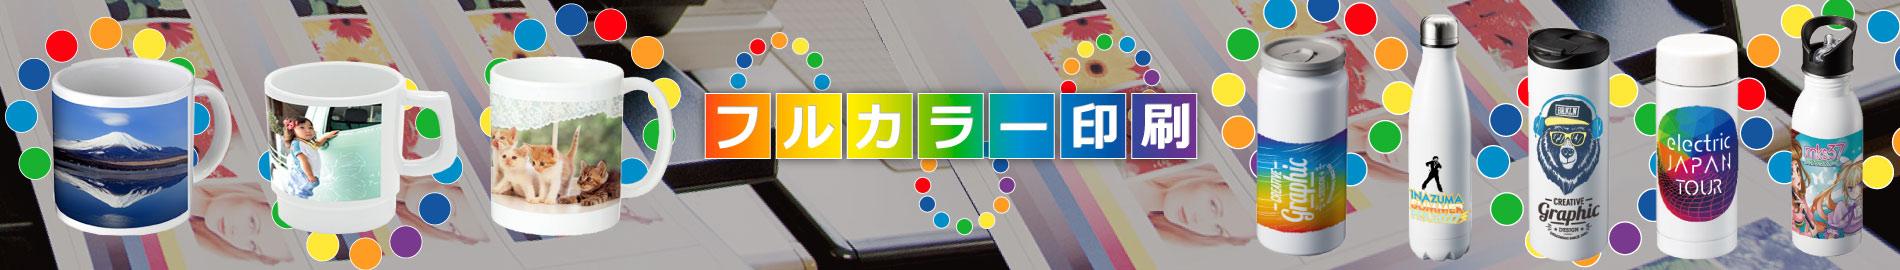 フルカラー印刷対応